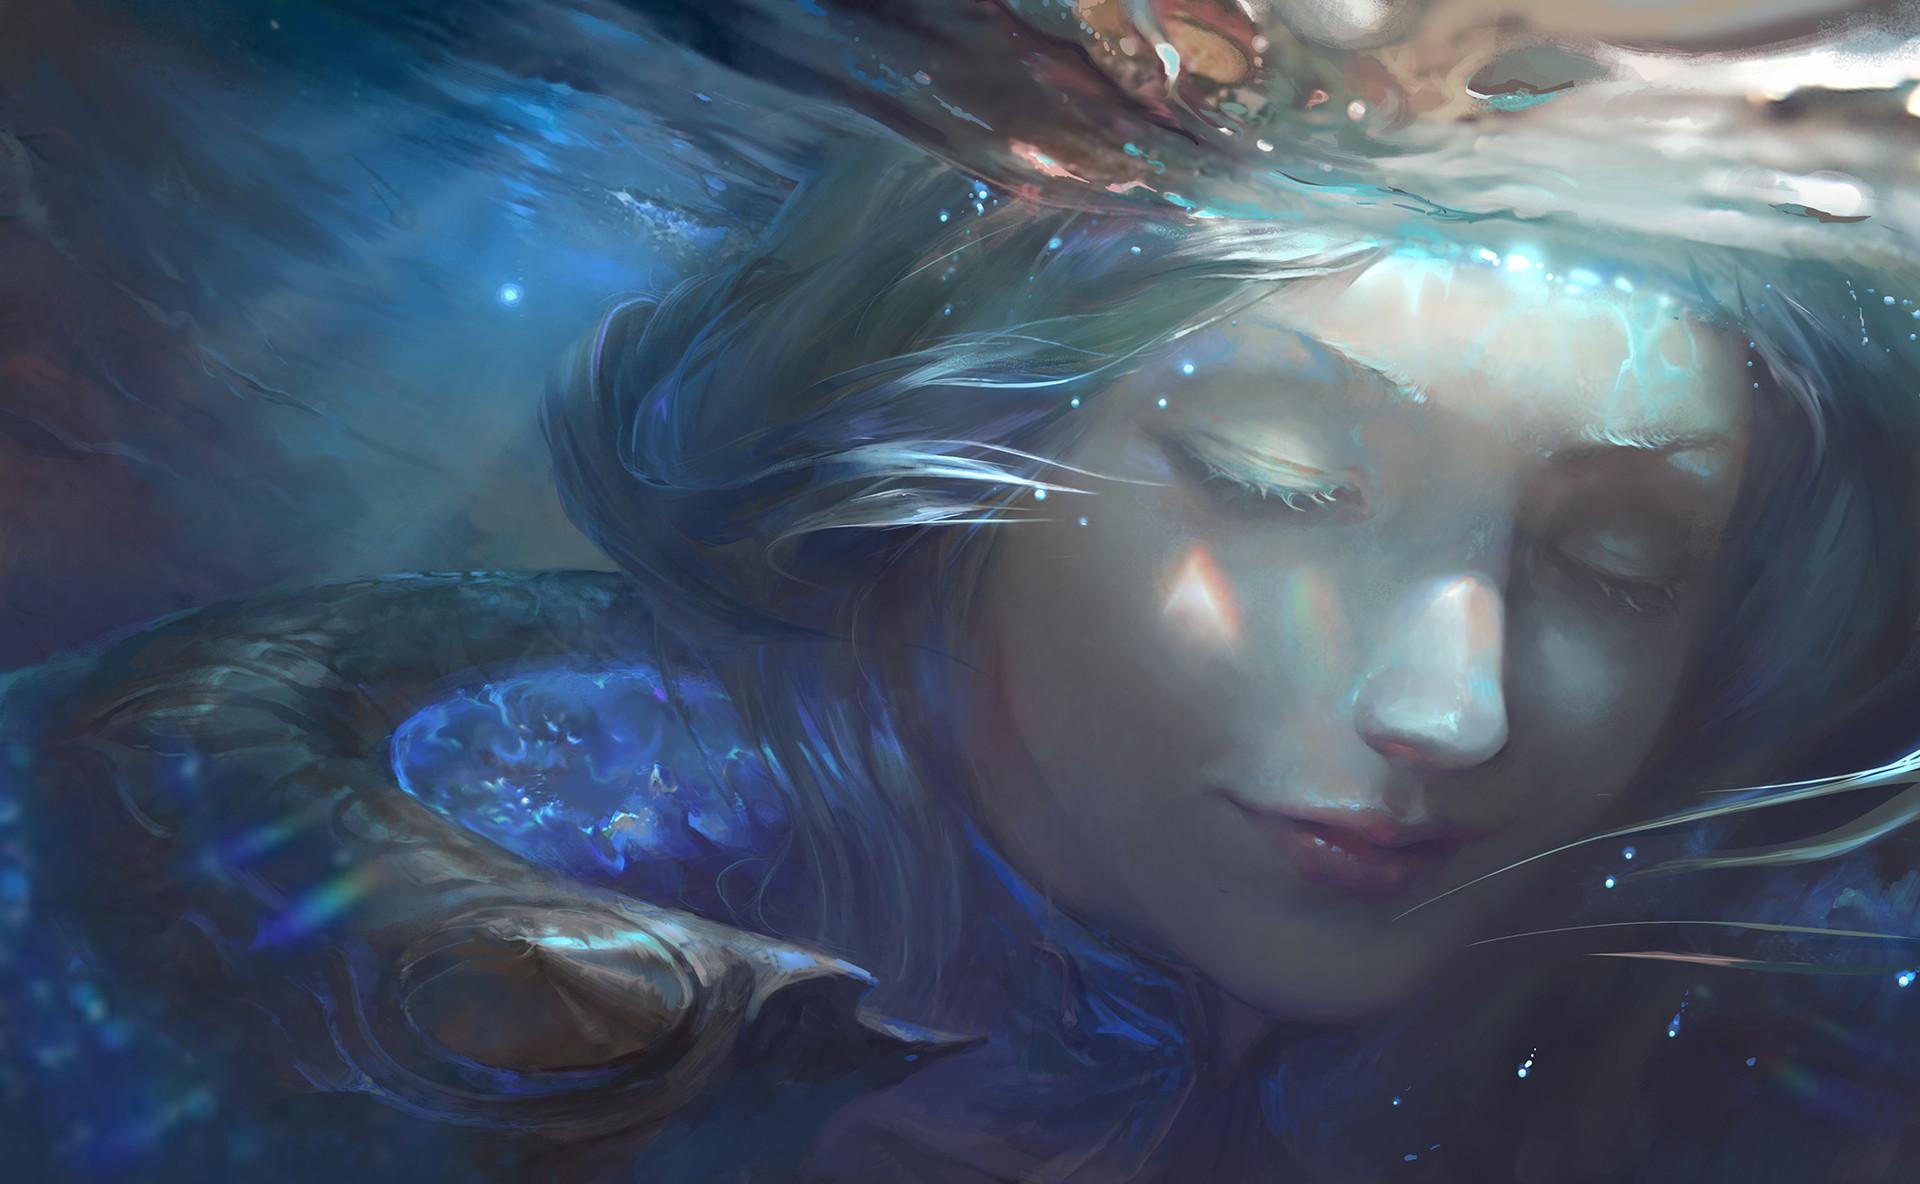 https://cdnb.artstation.com/p/assets/images/images/004/109/435/large/suke-water.jpg?1480439409